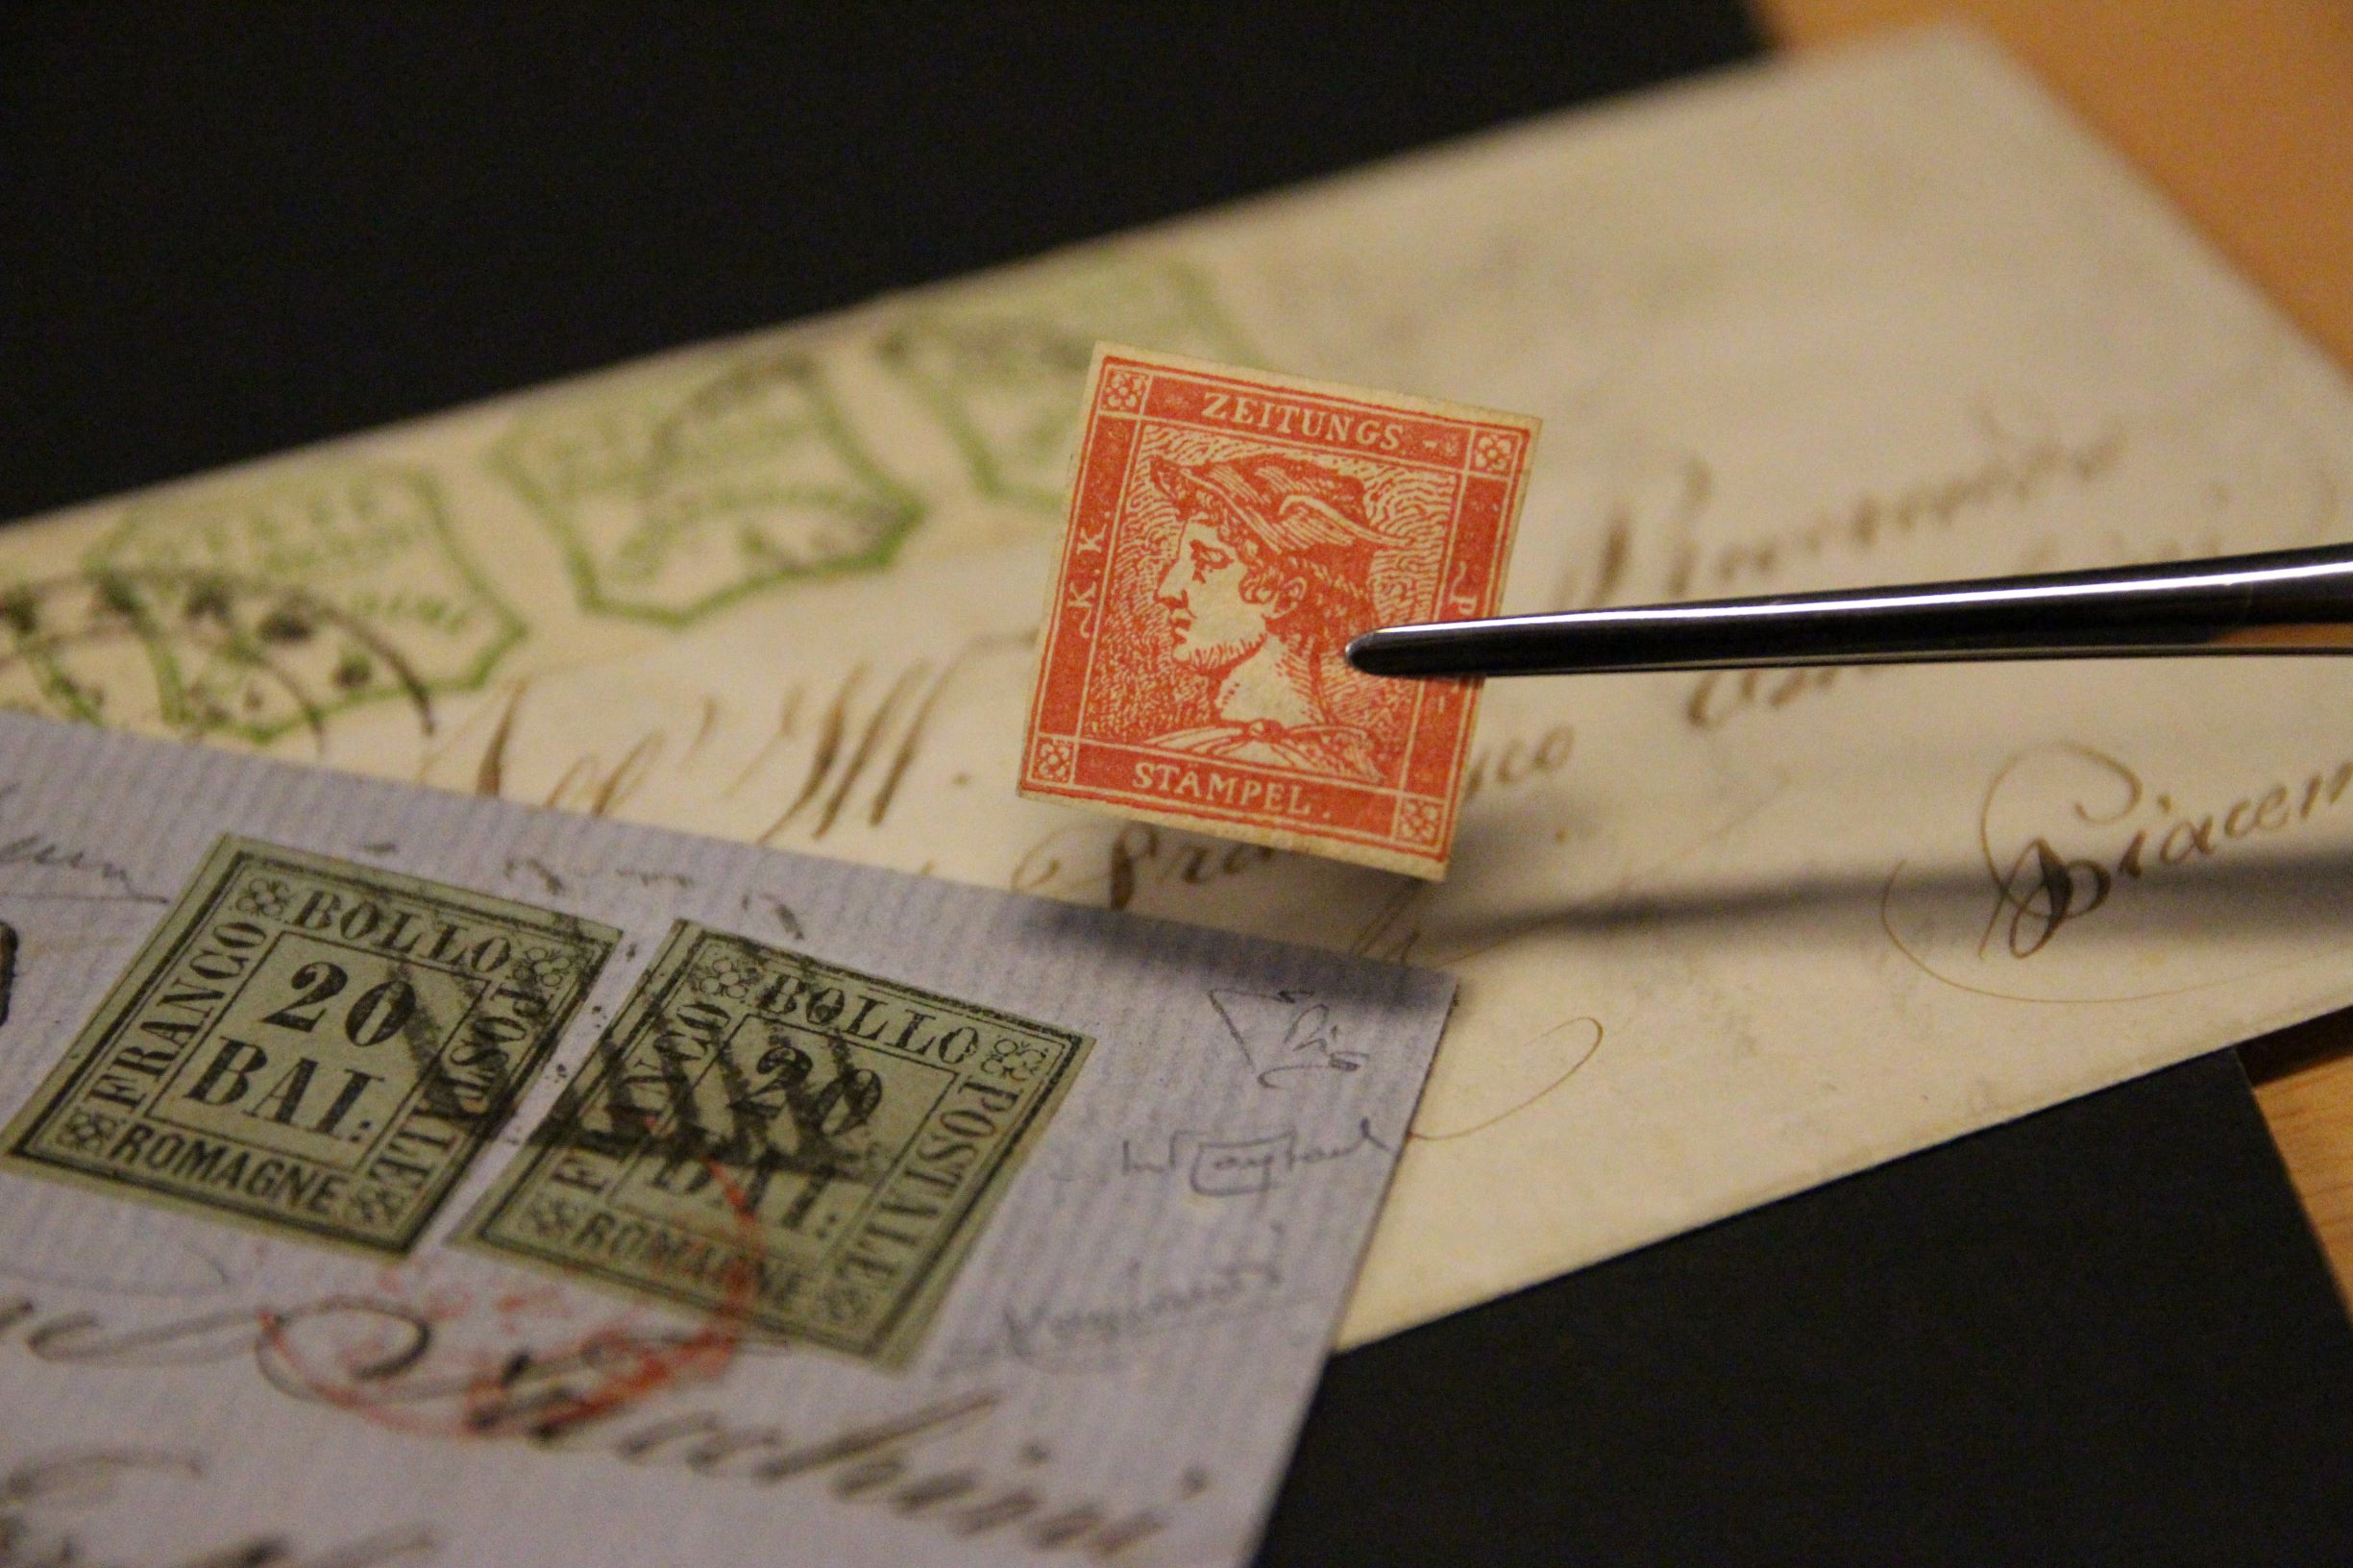 Filatelia: la storia postale italiana raccontata nell'asta de Il Ponte